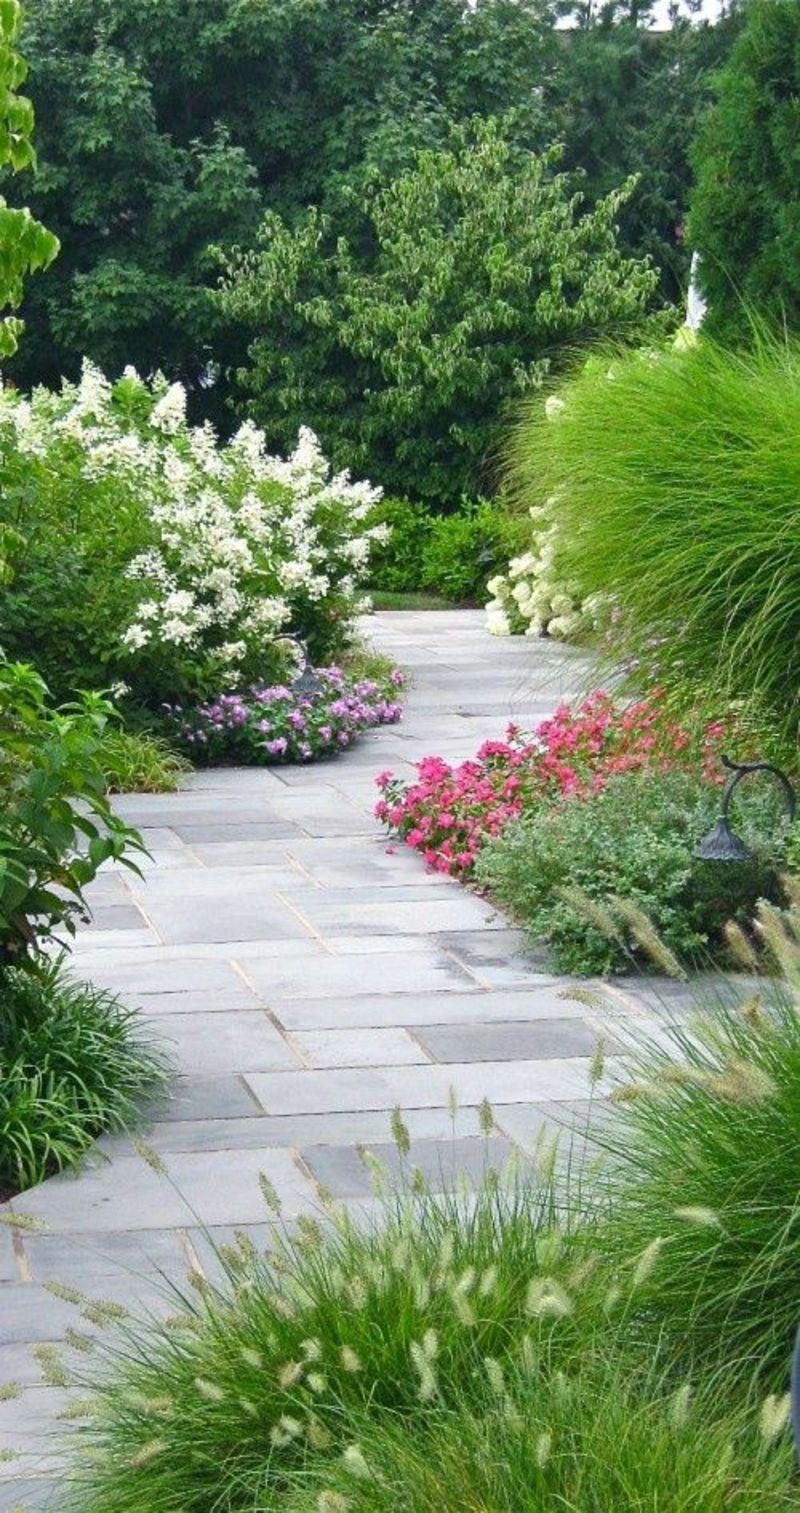 Naturgarten Gestalten Genial Kreative Gartenideen Und Bilder Sie Zur Gartenarbeit